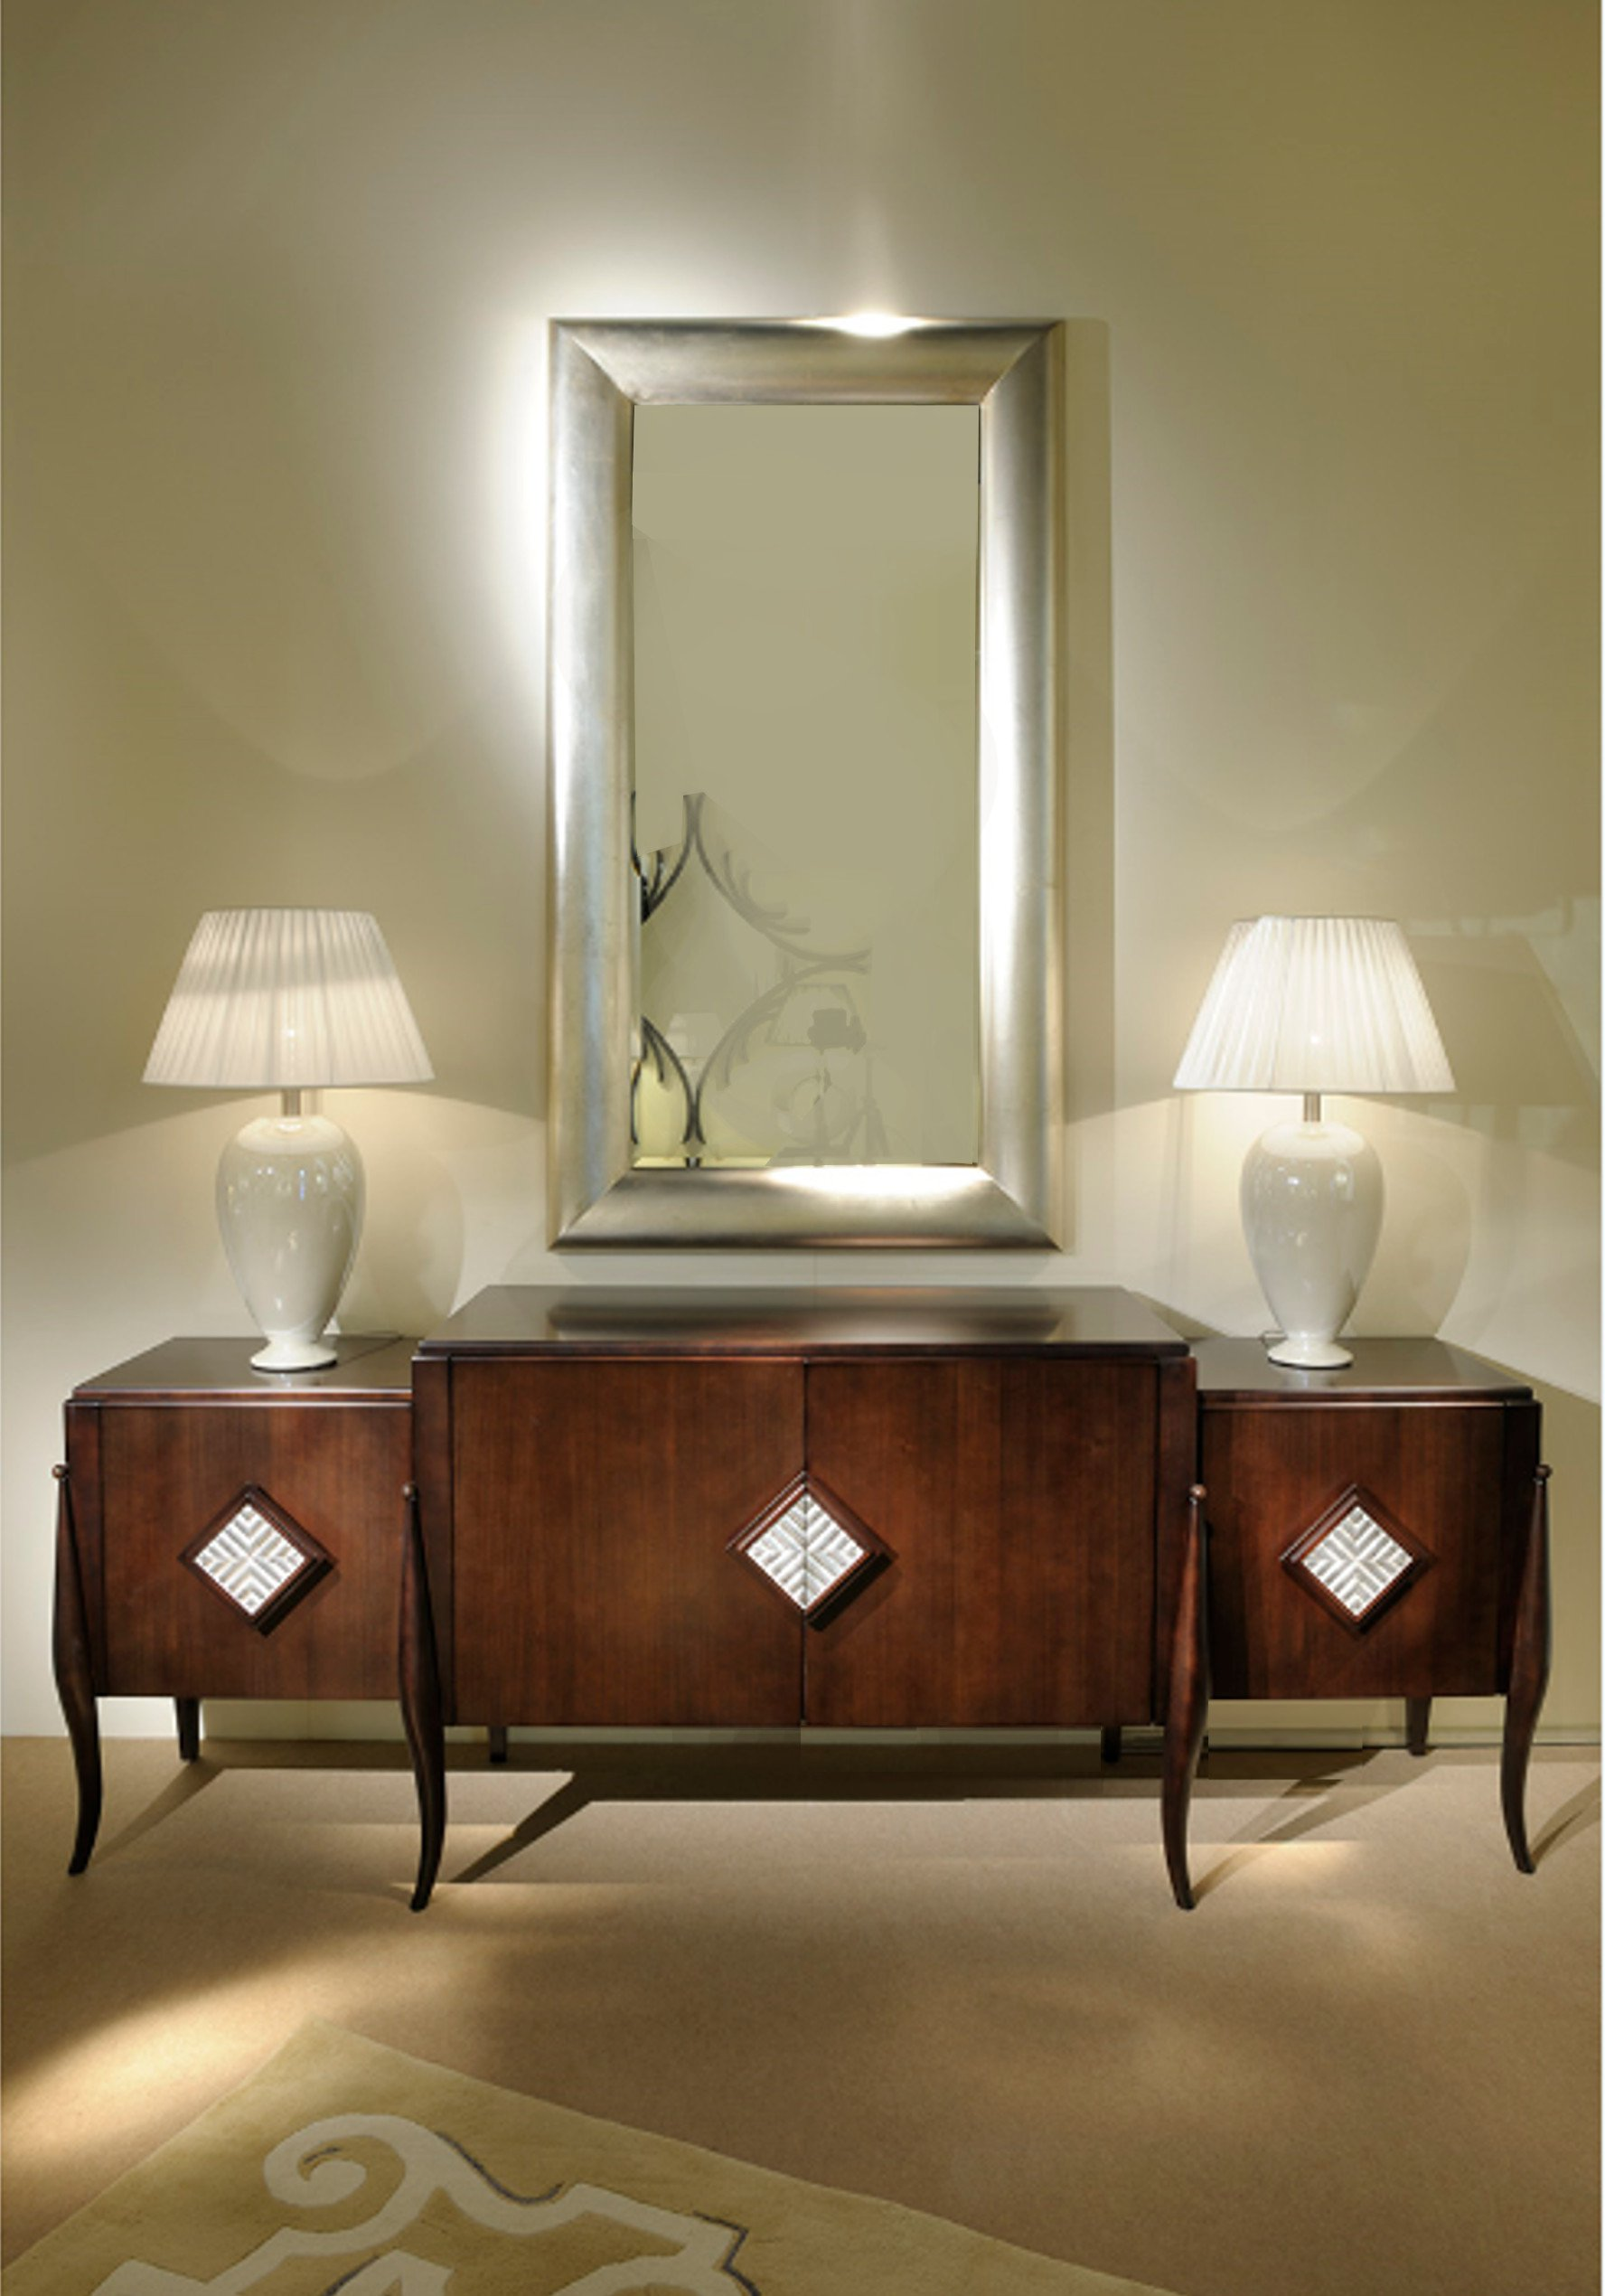 Guarda lou a com portas art deco milano by transition by - Art nouveau mobili ...